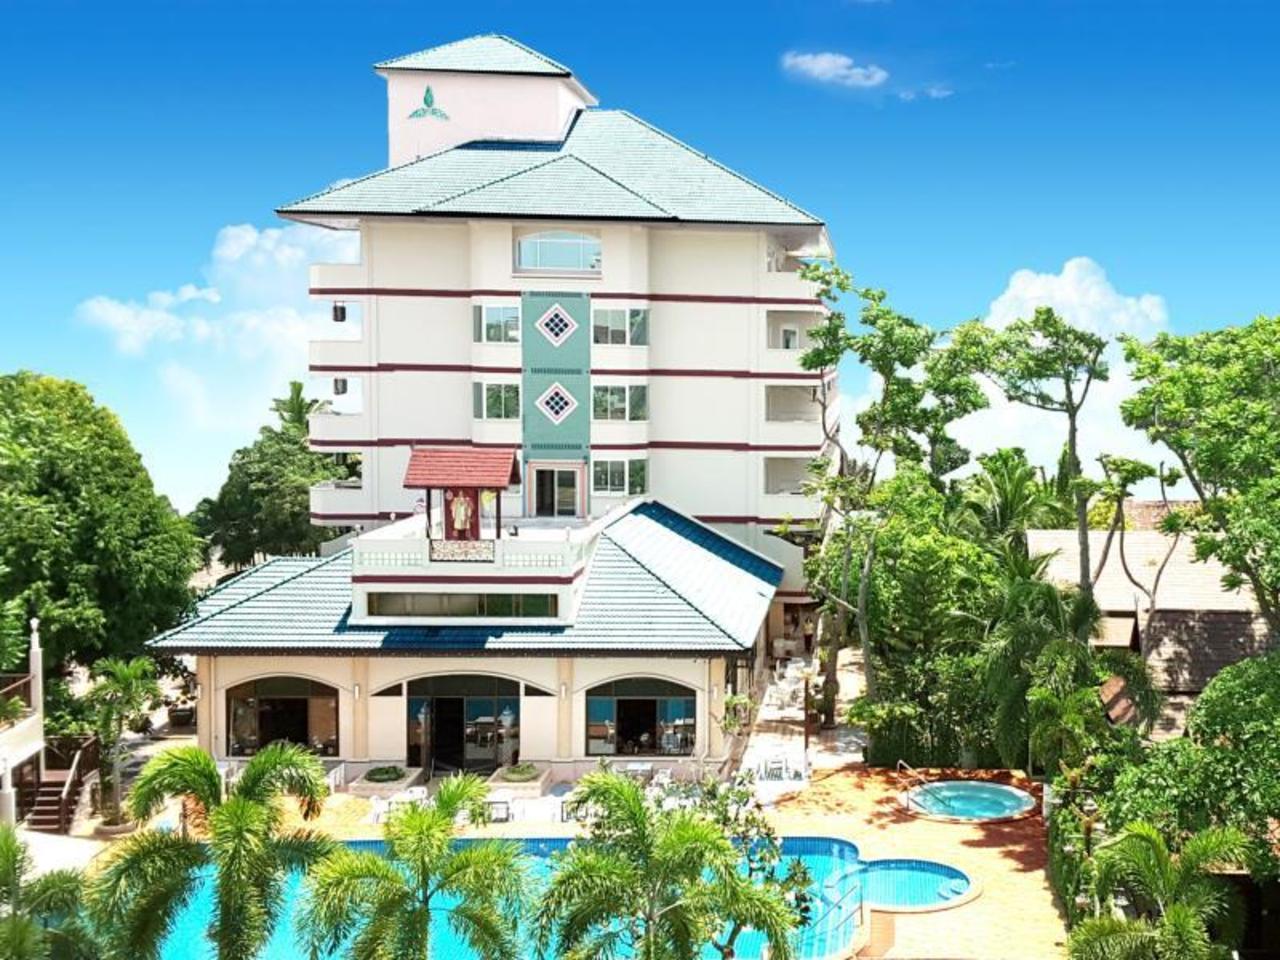 ไดอาน่า การ์เด้น รีสอร์ท (Diana Garden Resort)